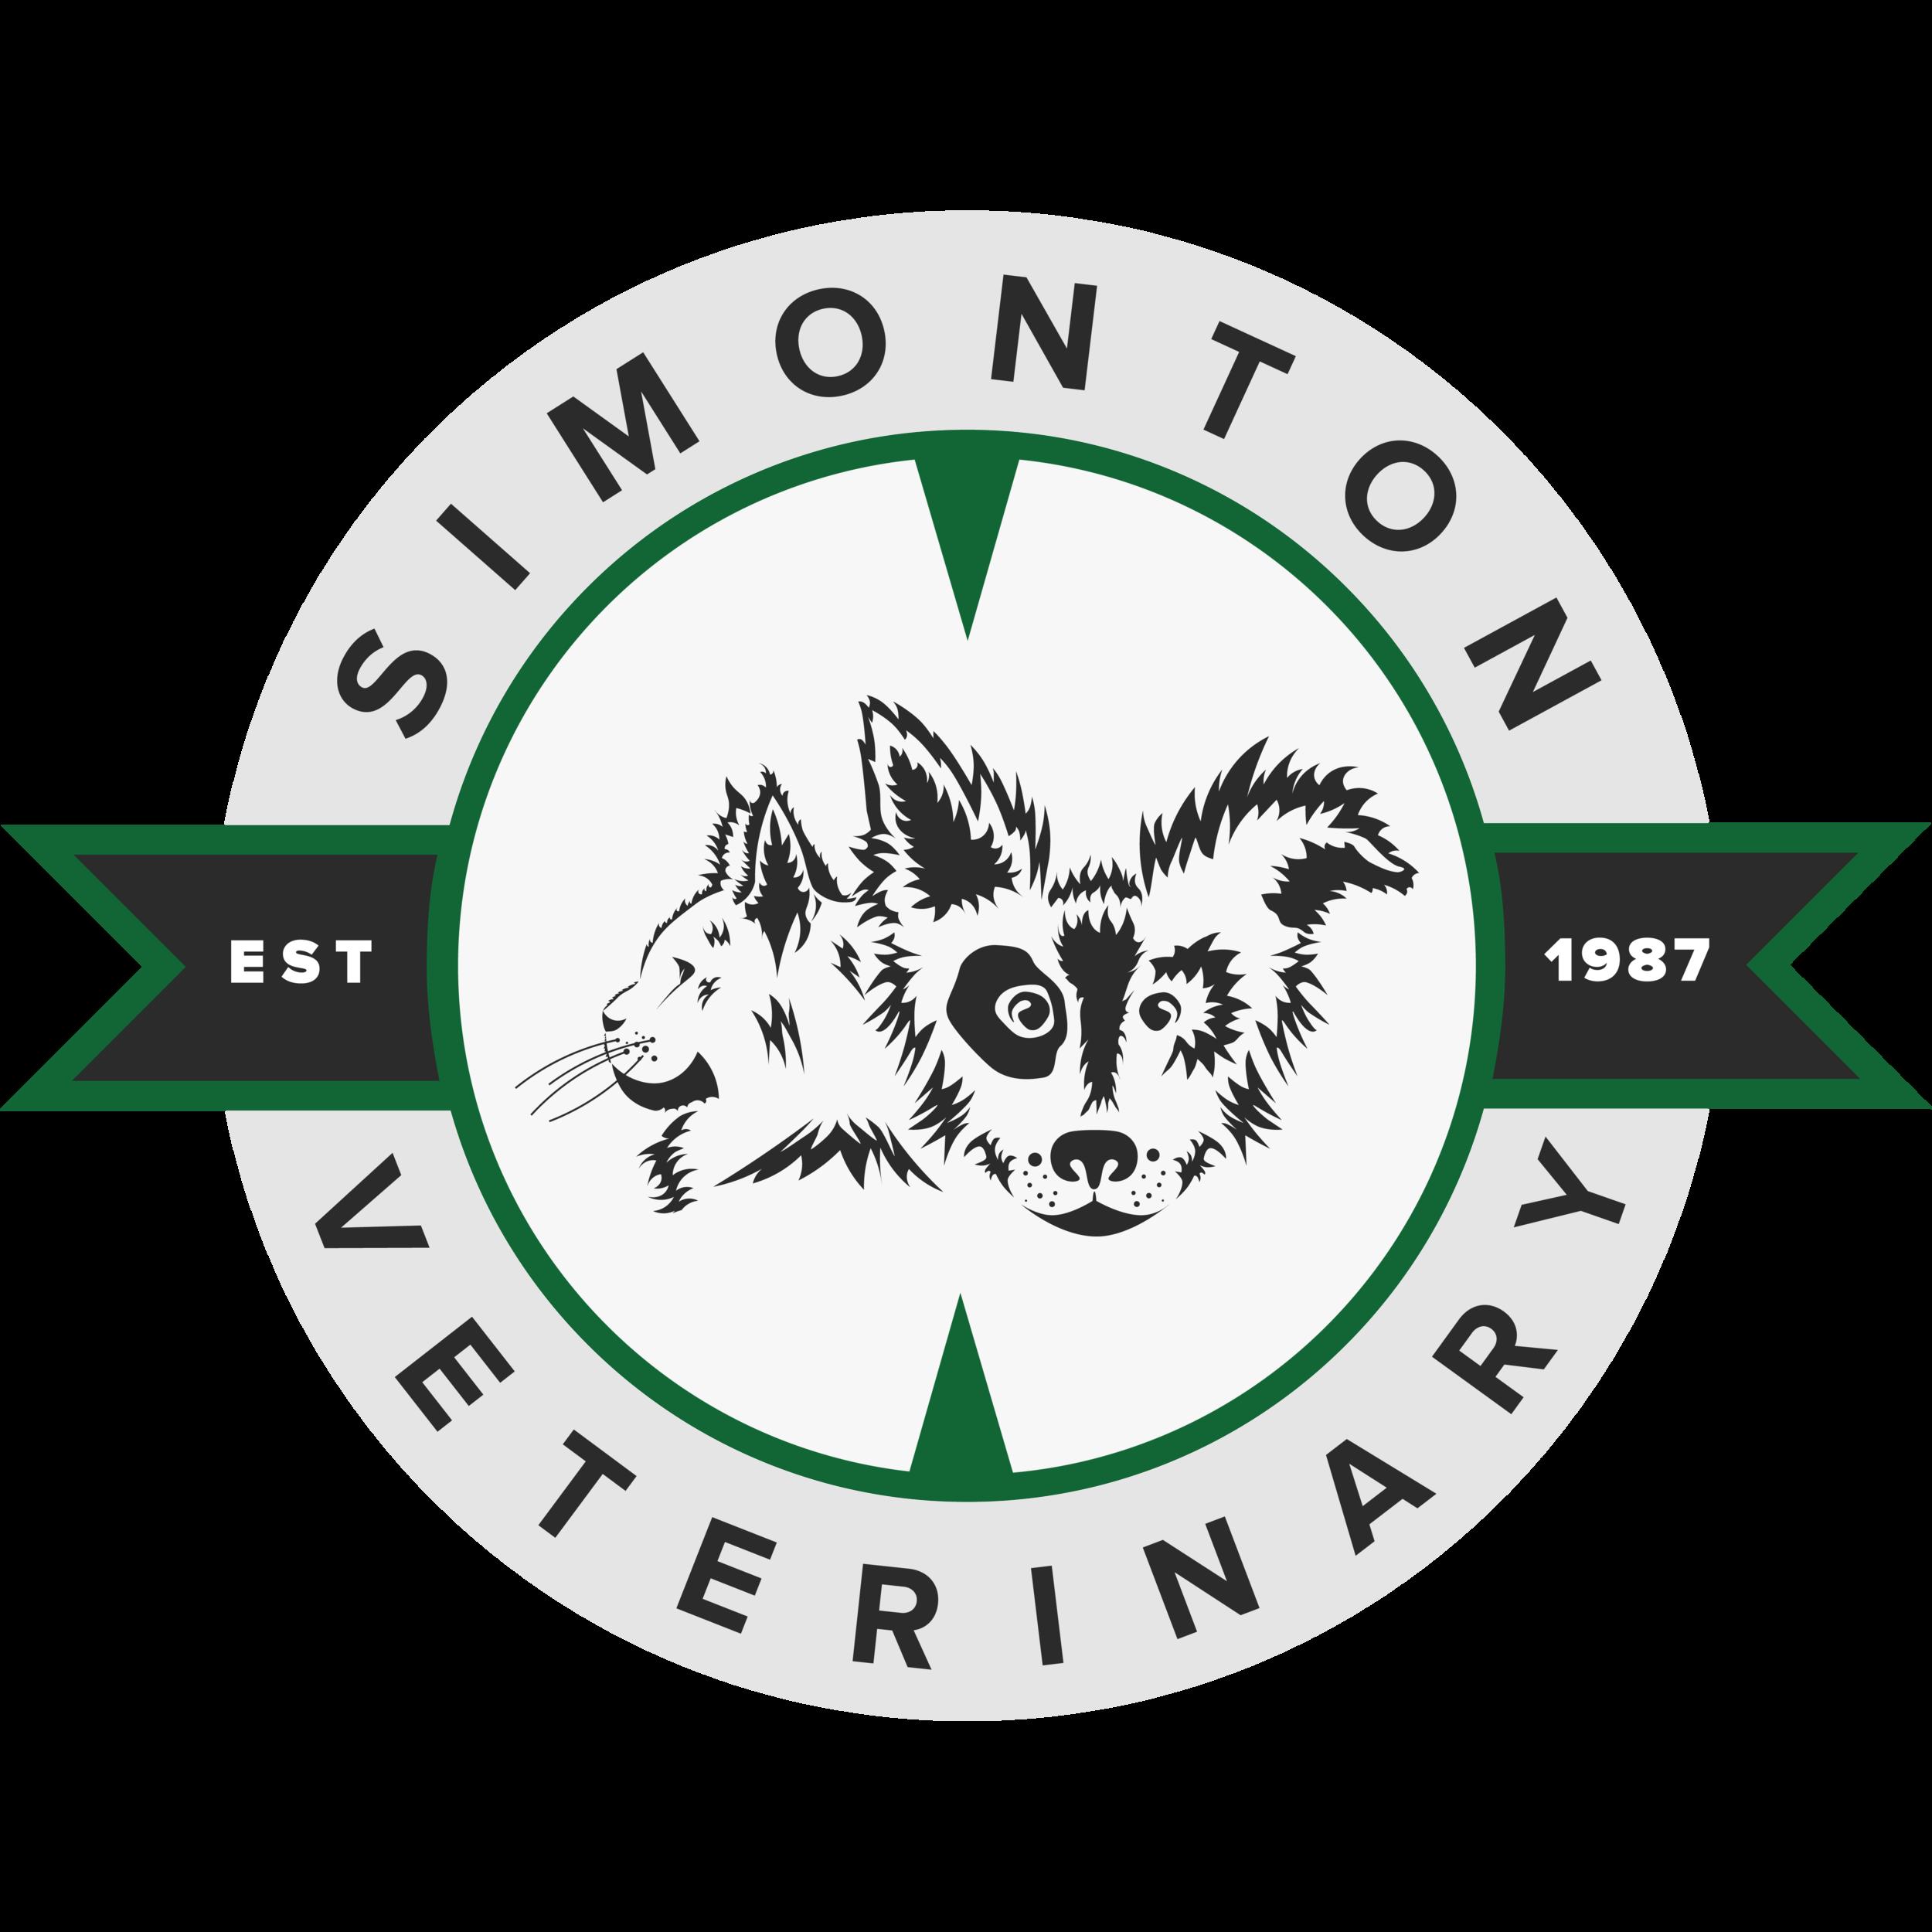 Simonton Vet